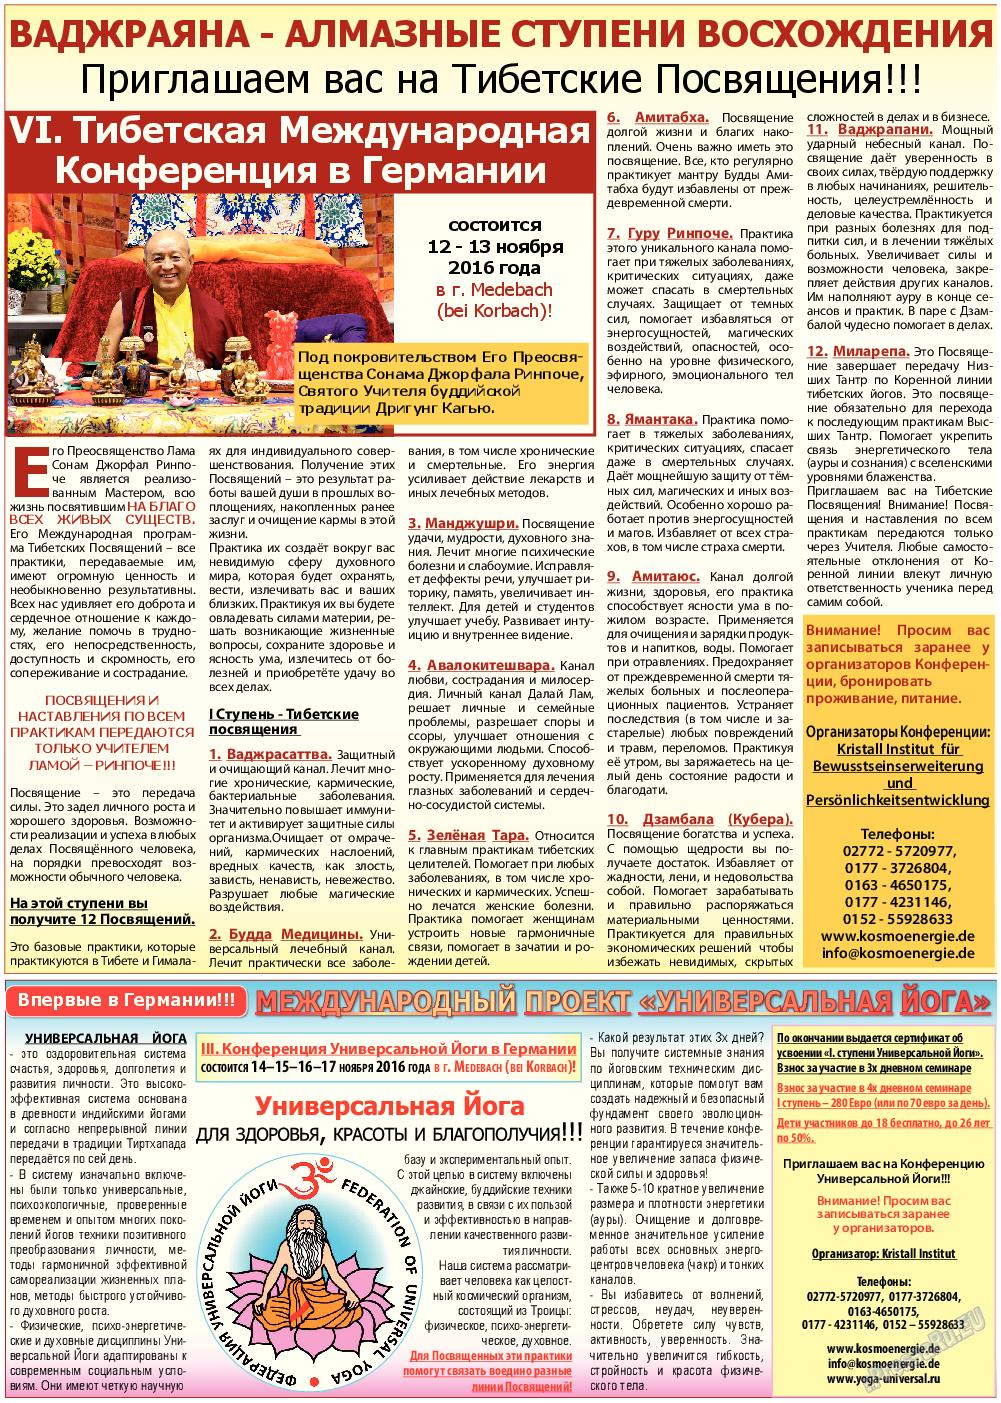 Все pro все (газета). 2016 год, номер 61, стр. 23